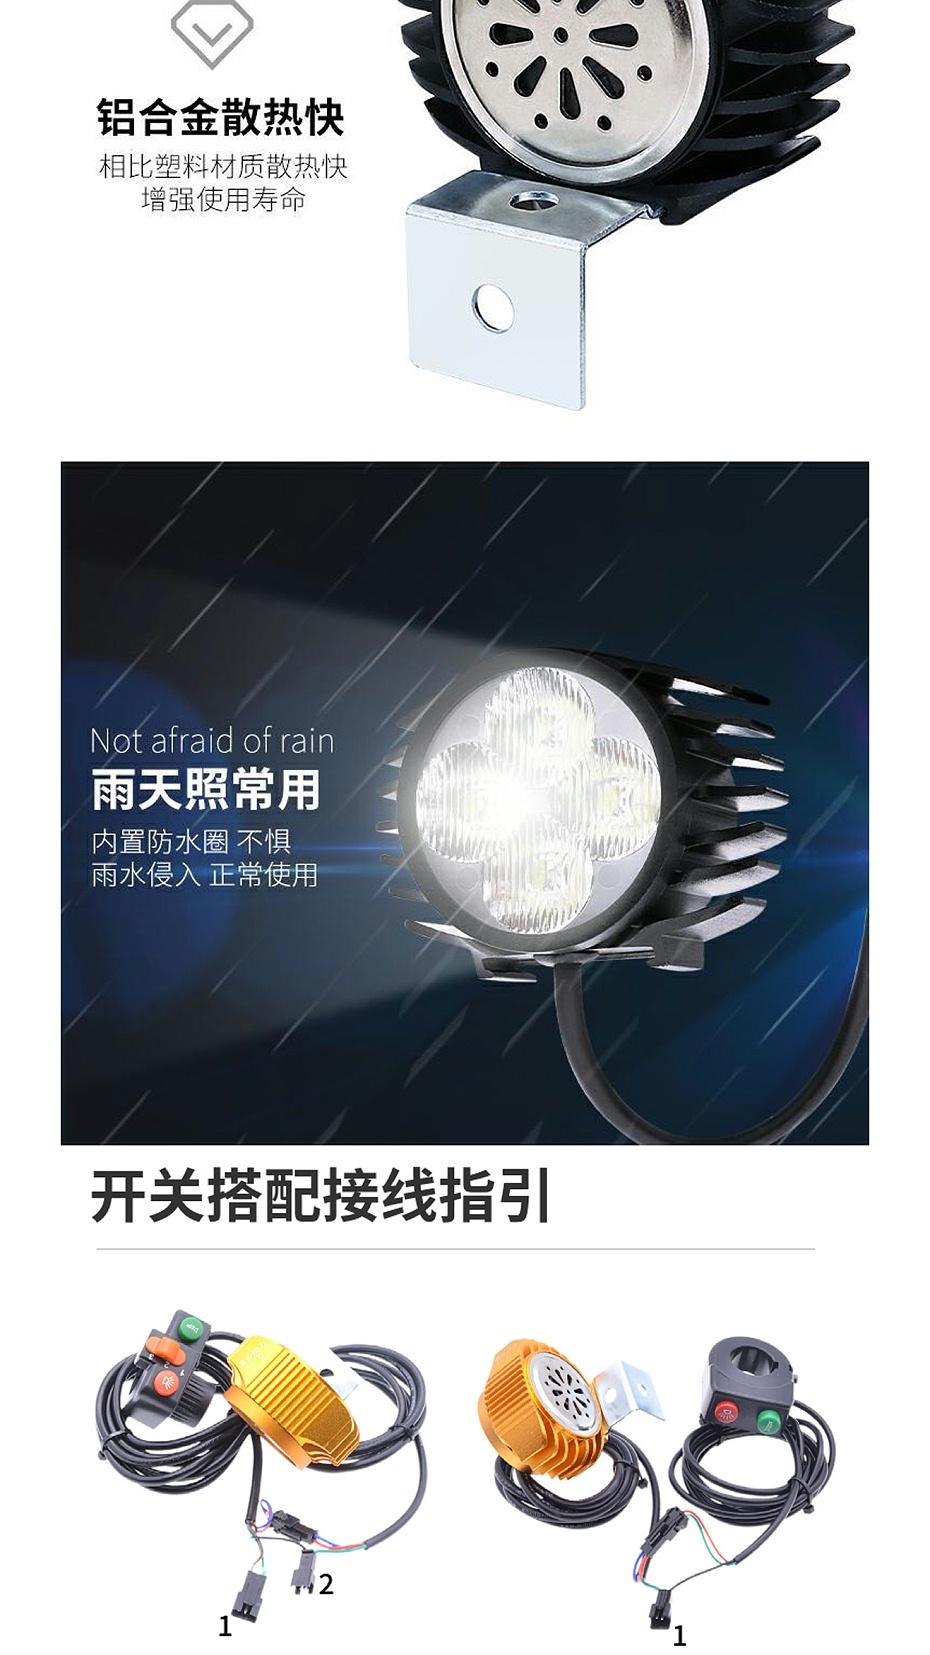 LED驾车大灯(1)_04